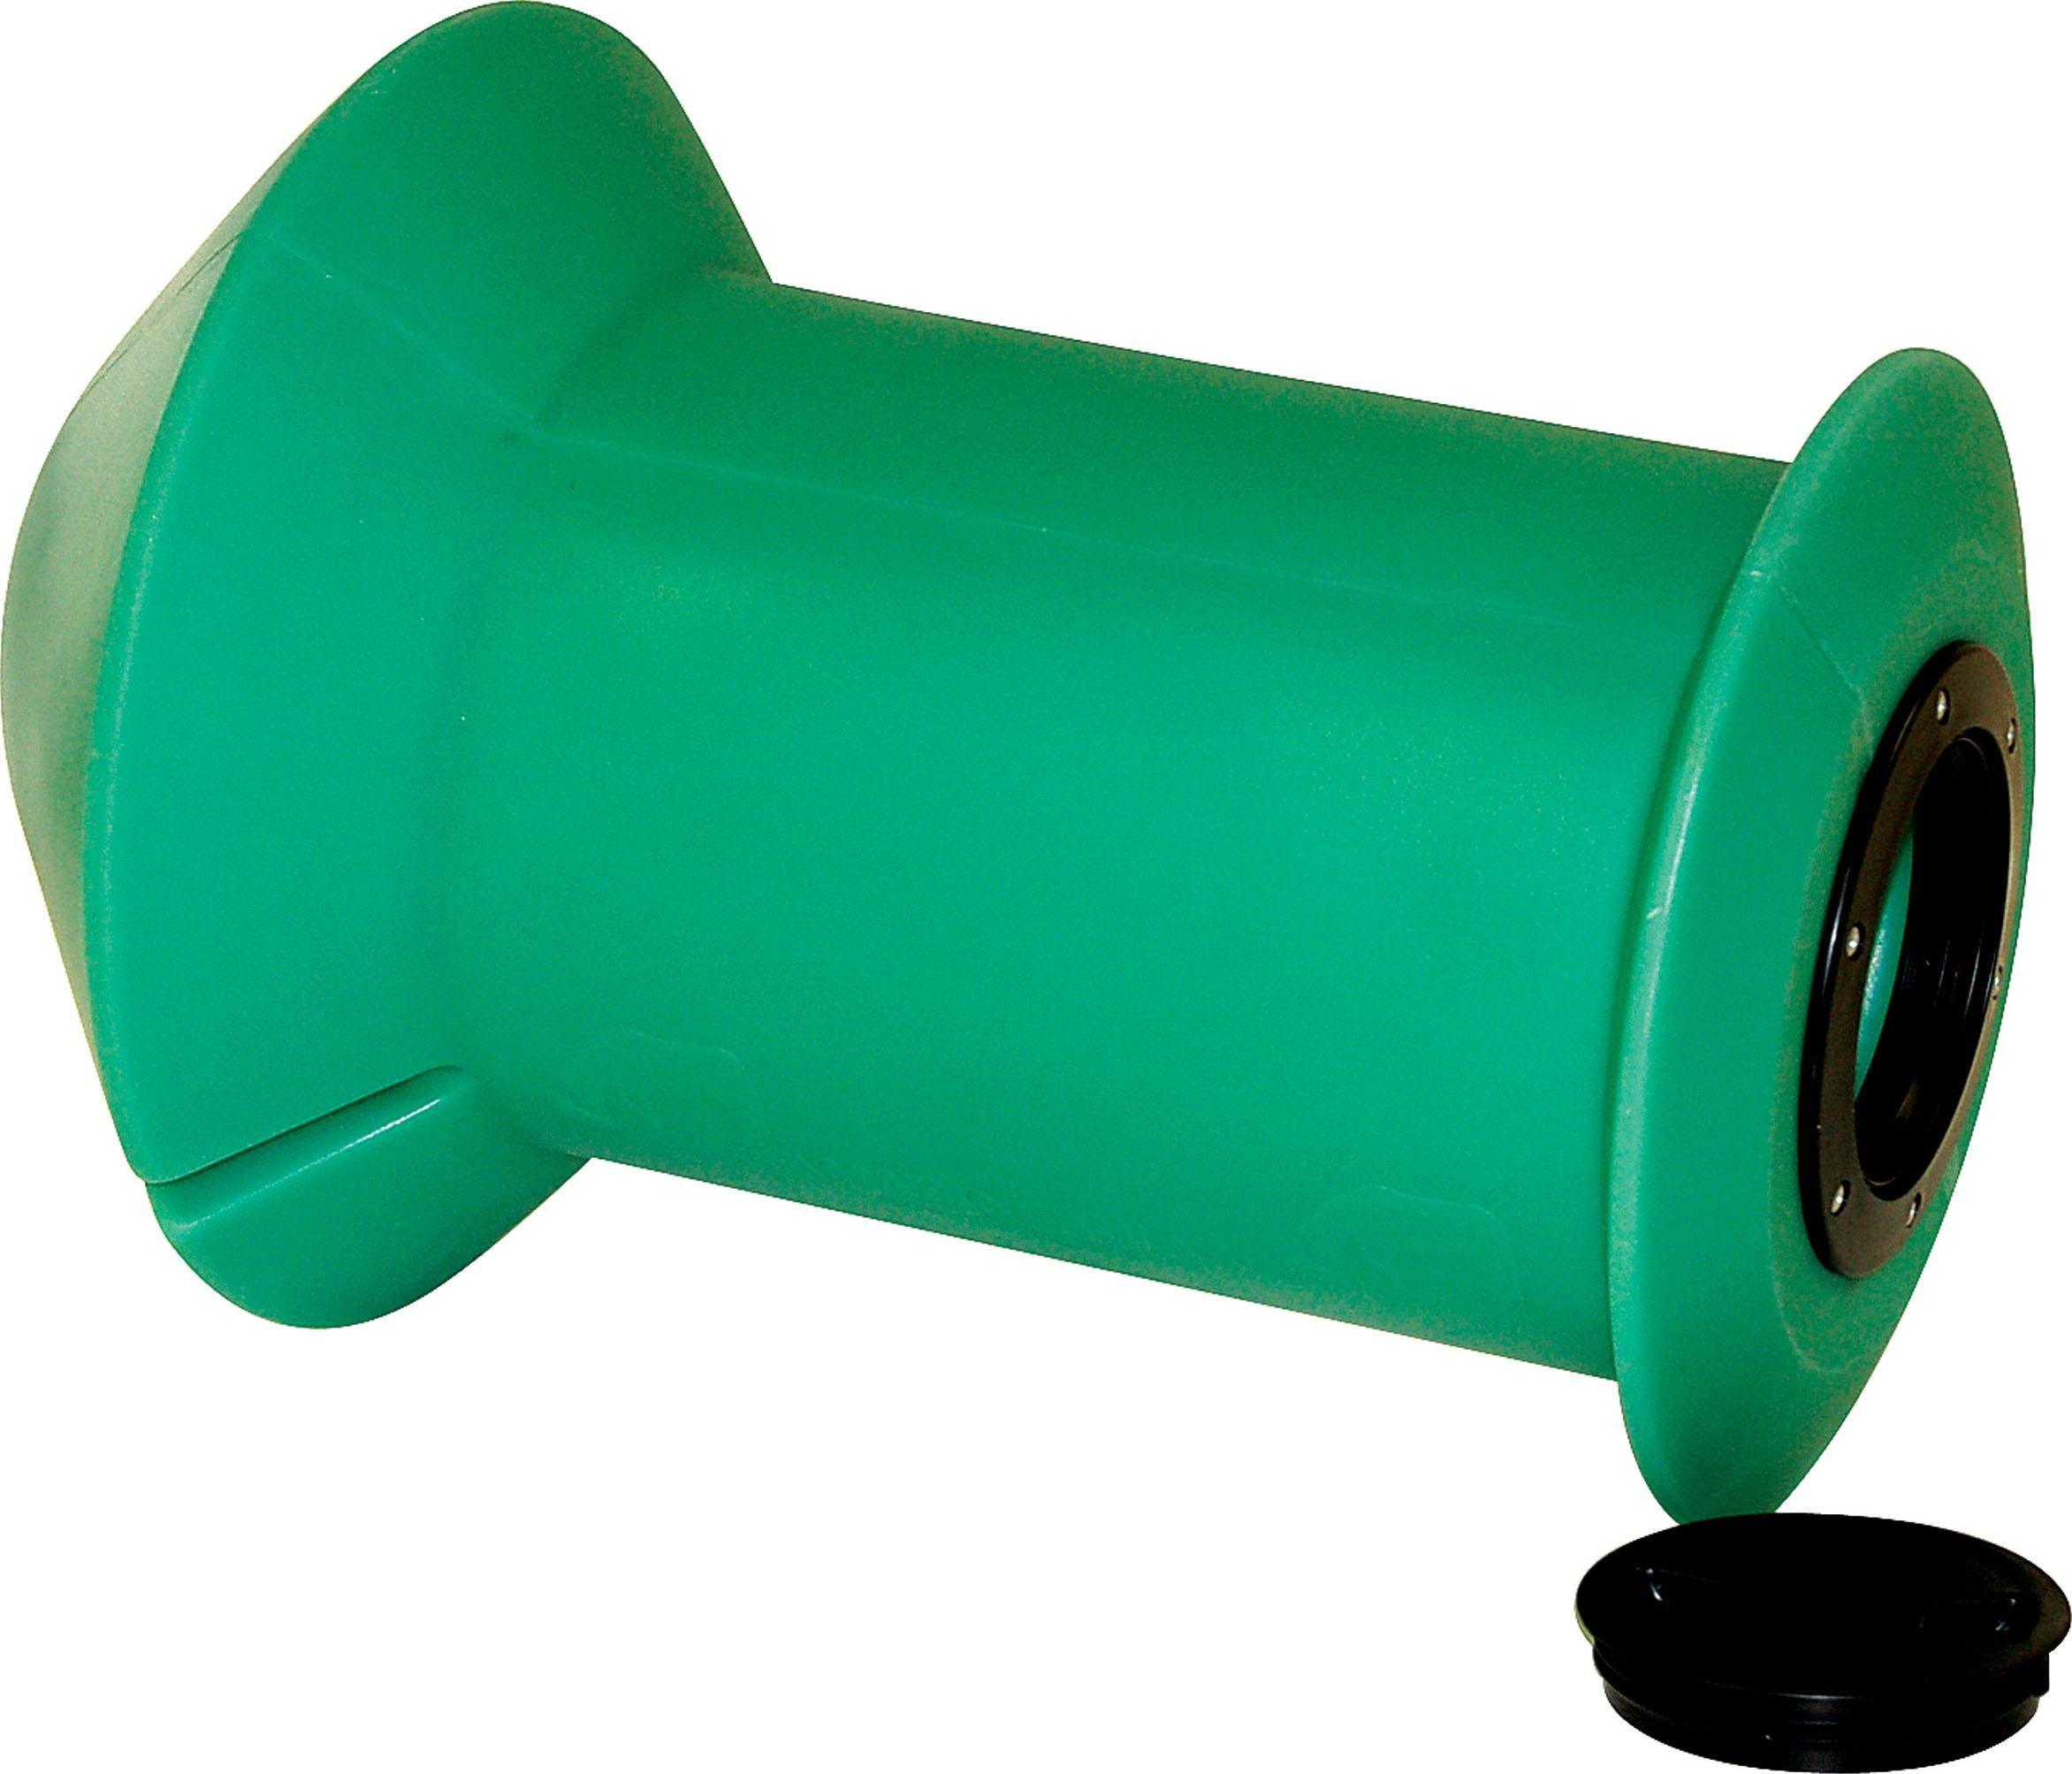 HORSEMEN'S PRIDE INC Amazing Graze Treat Toy for Equine Green 20 INCH